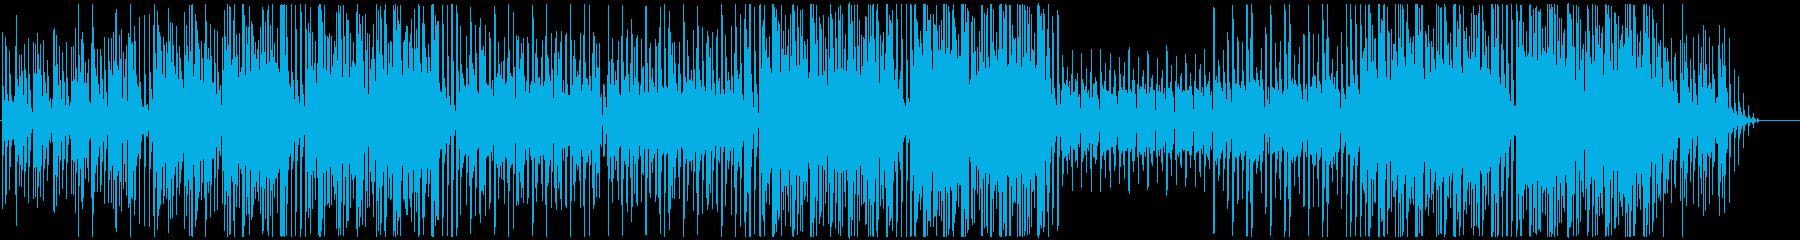 うるさくないクールなダンスミュージックの再生済みの波形